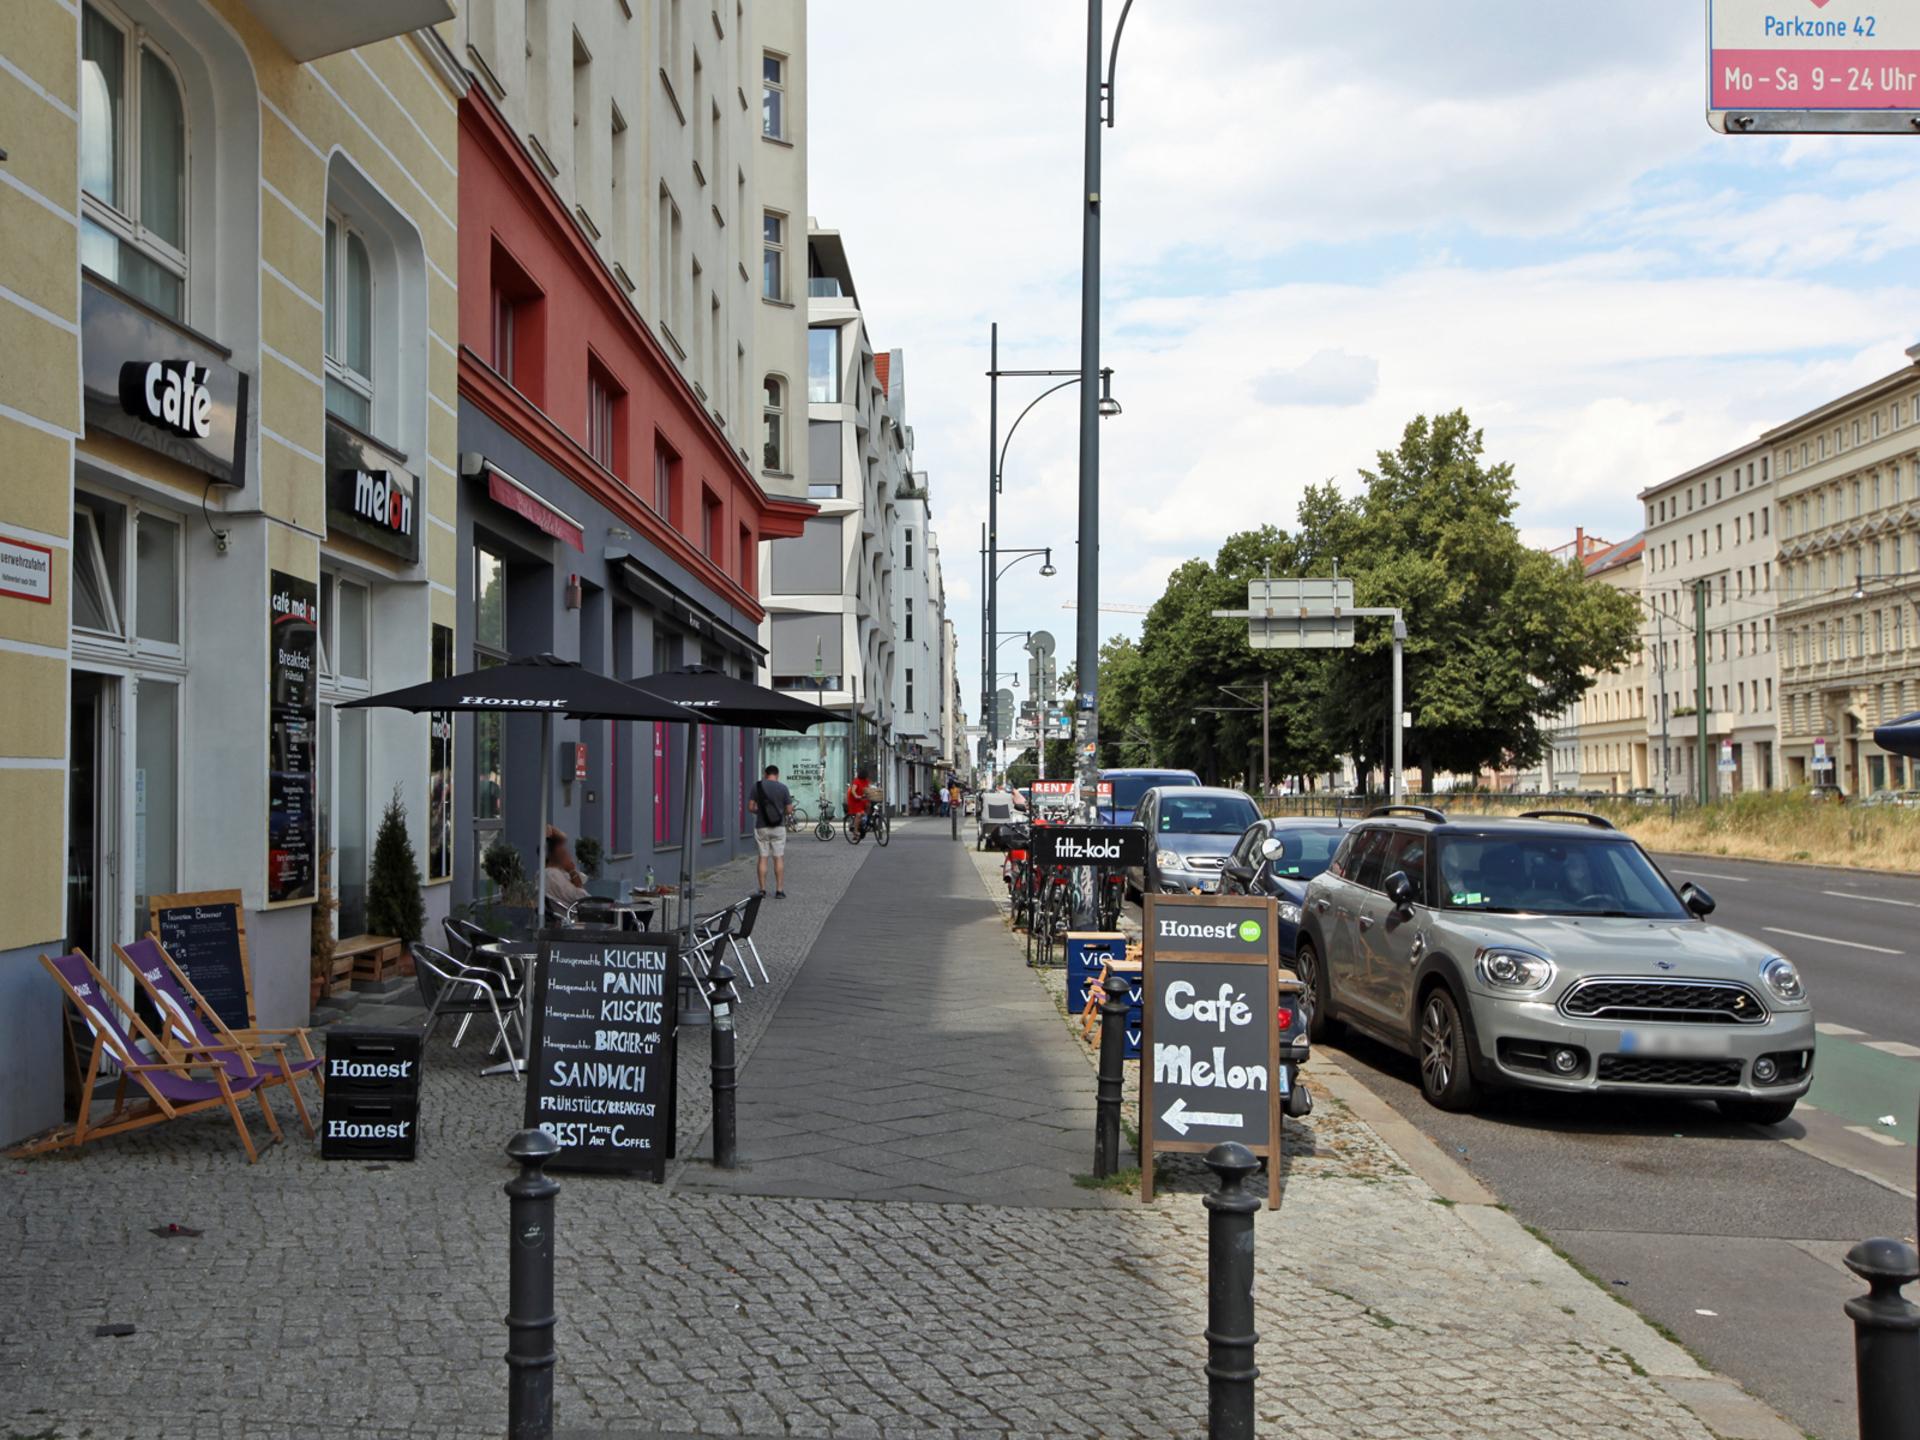 Vor dem Haus | Greifswalder Straße